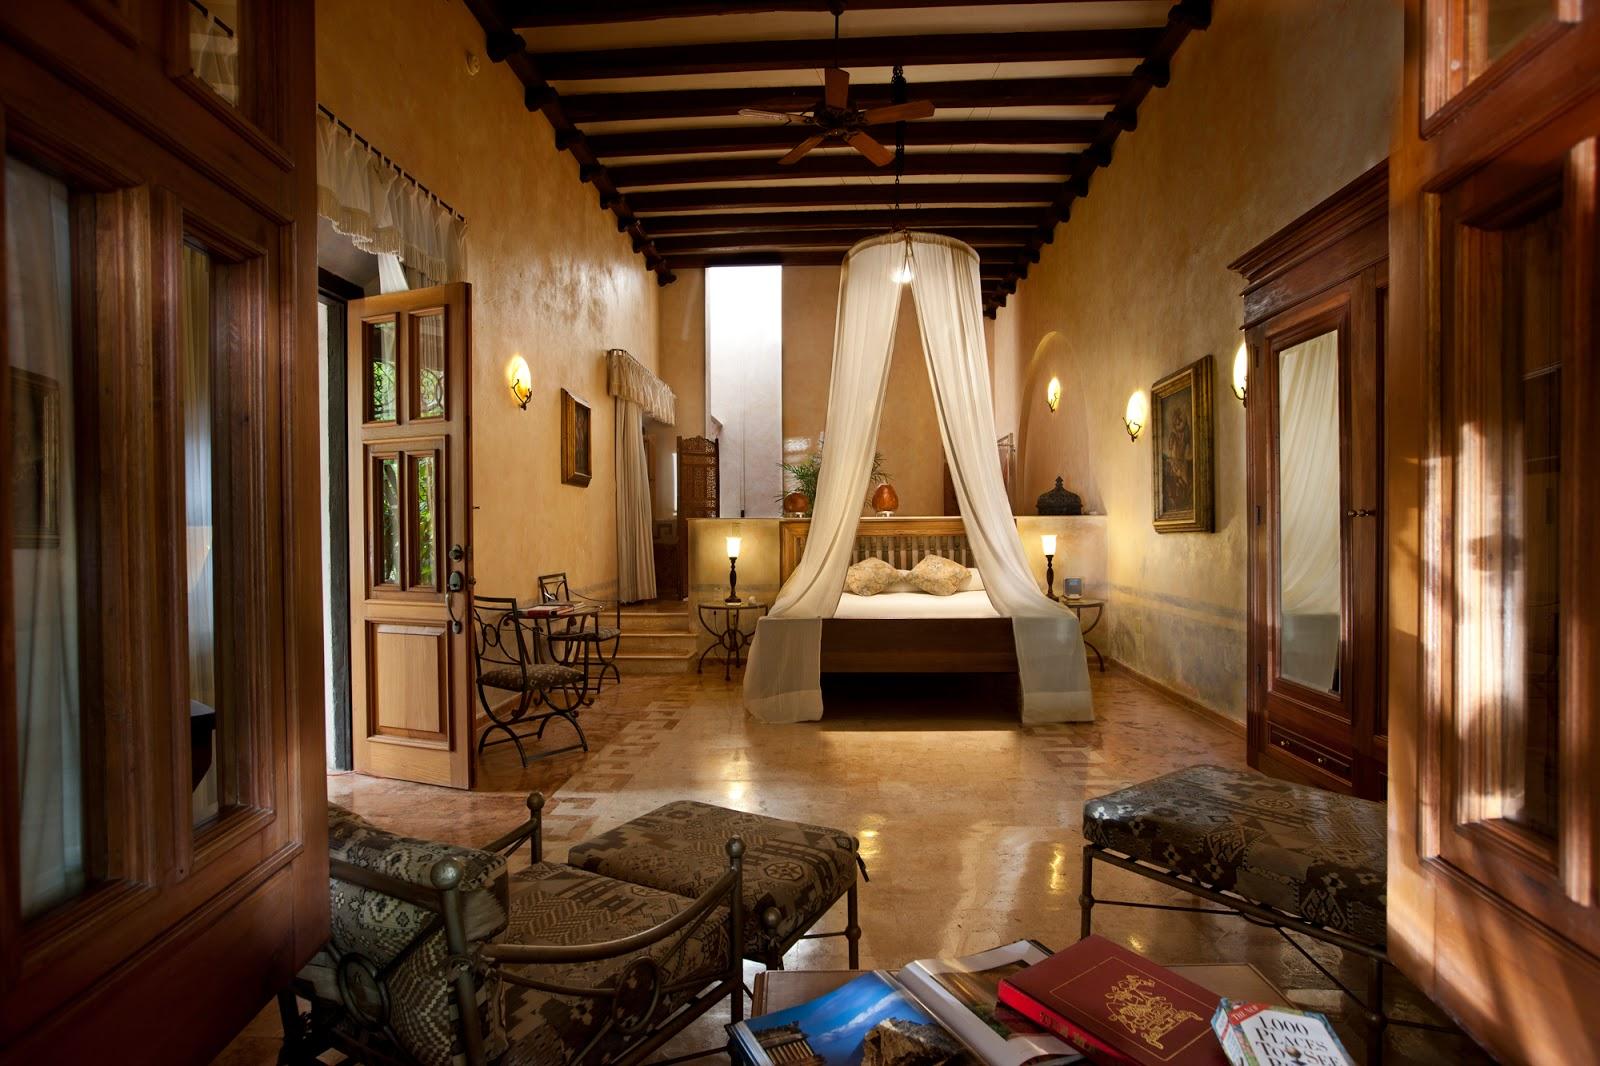 Yucatán Ven Por Todo 5 Haciendas que mereces visitar  viajaBonito